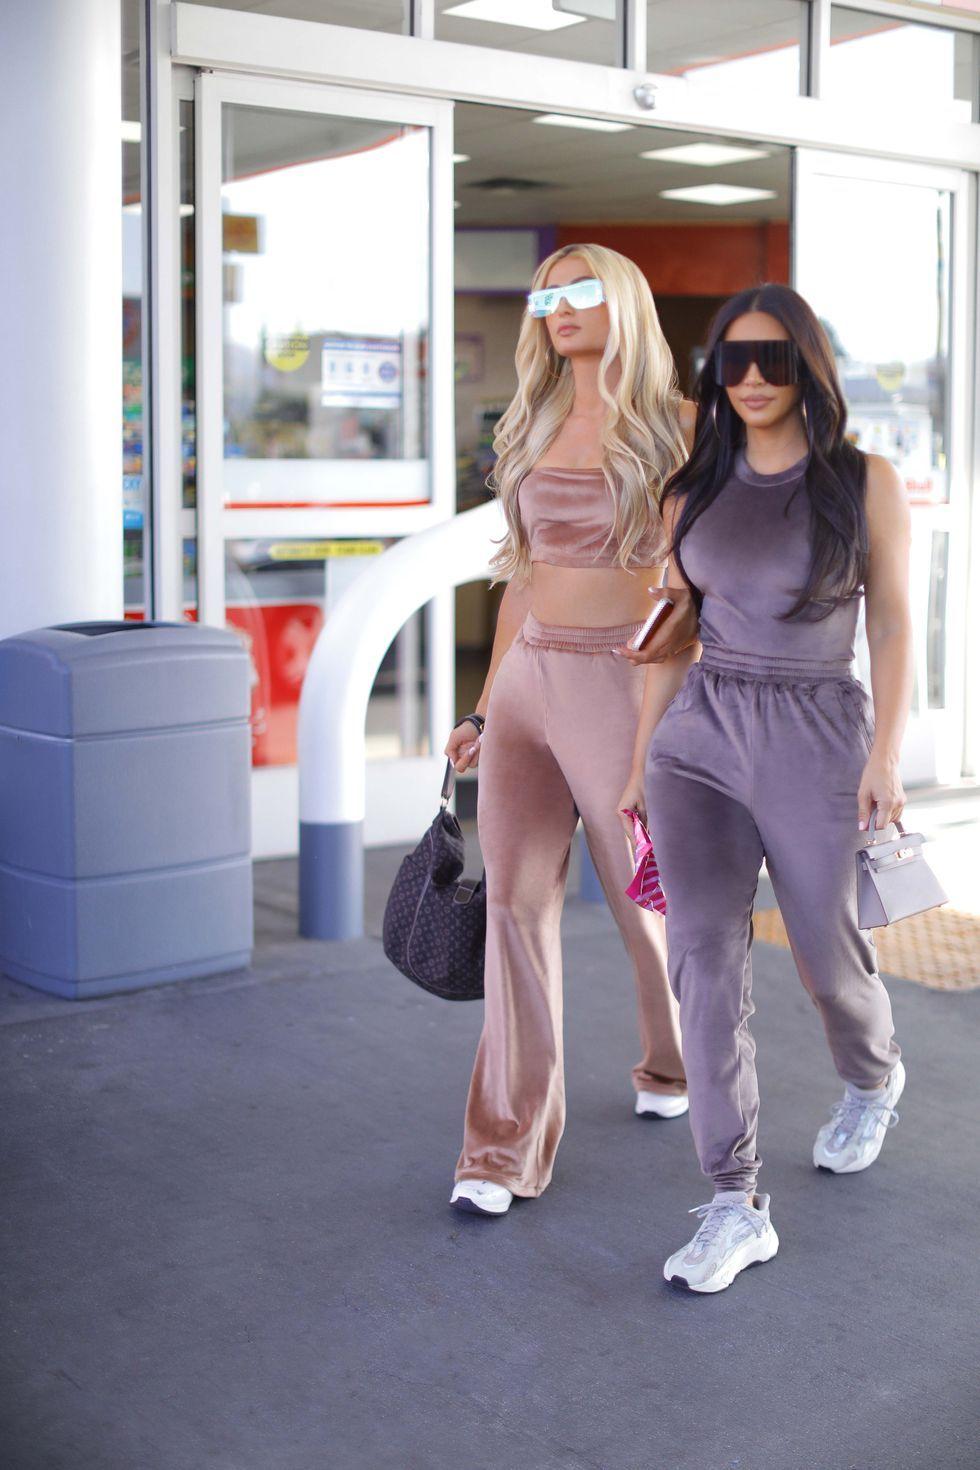 Je móda zo začiatku tohto milénia späť? Kim Kardashian a Paris Hilton vyťahujú zamatové súpravy ako v časoch najväčšej slávy